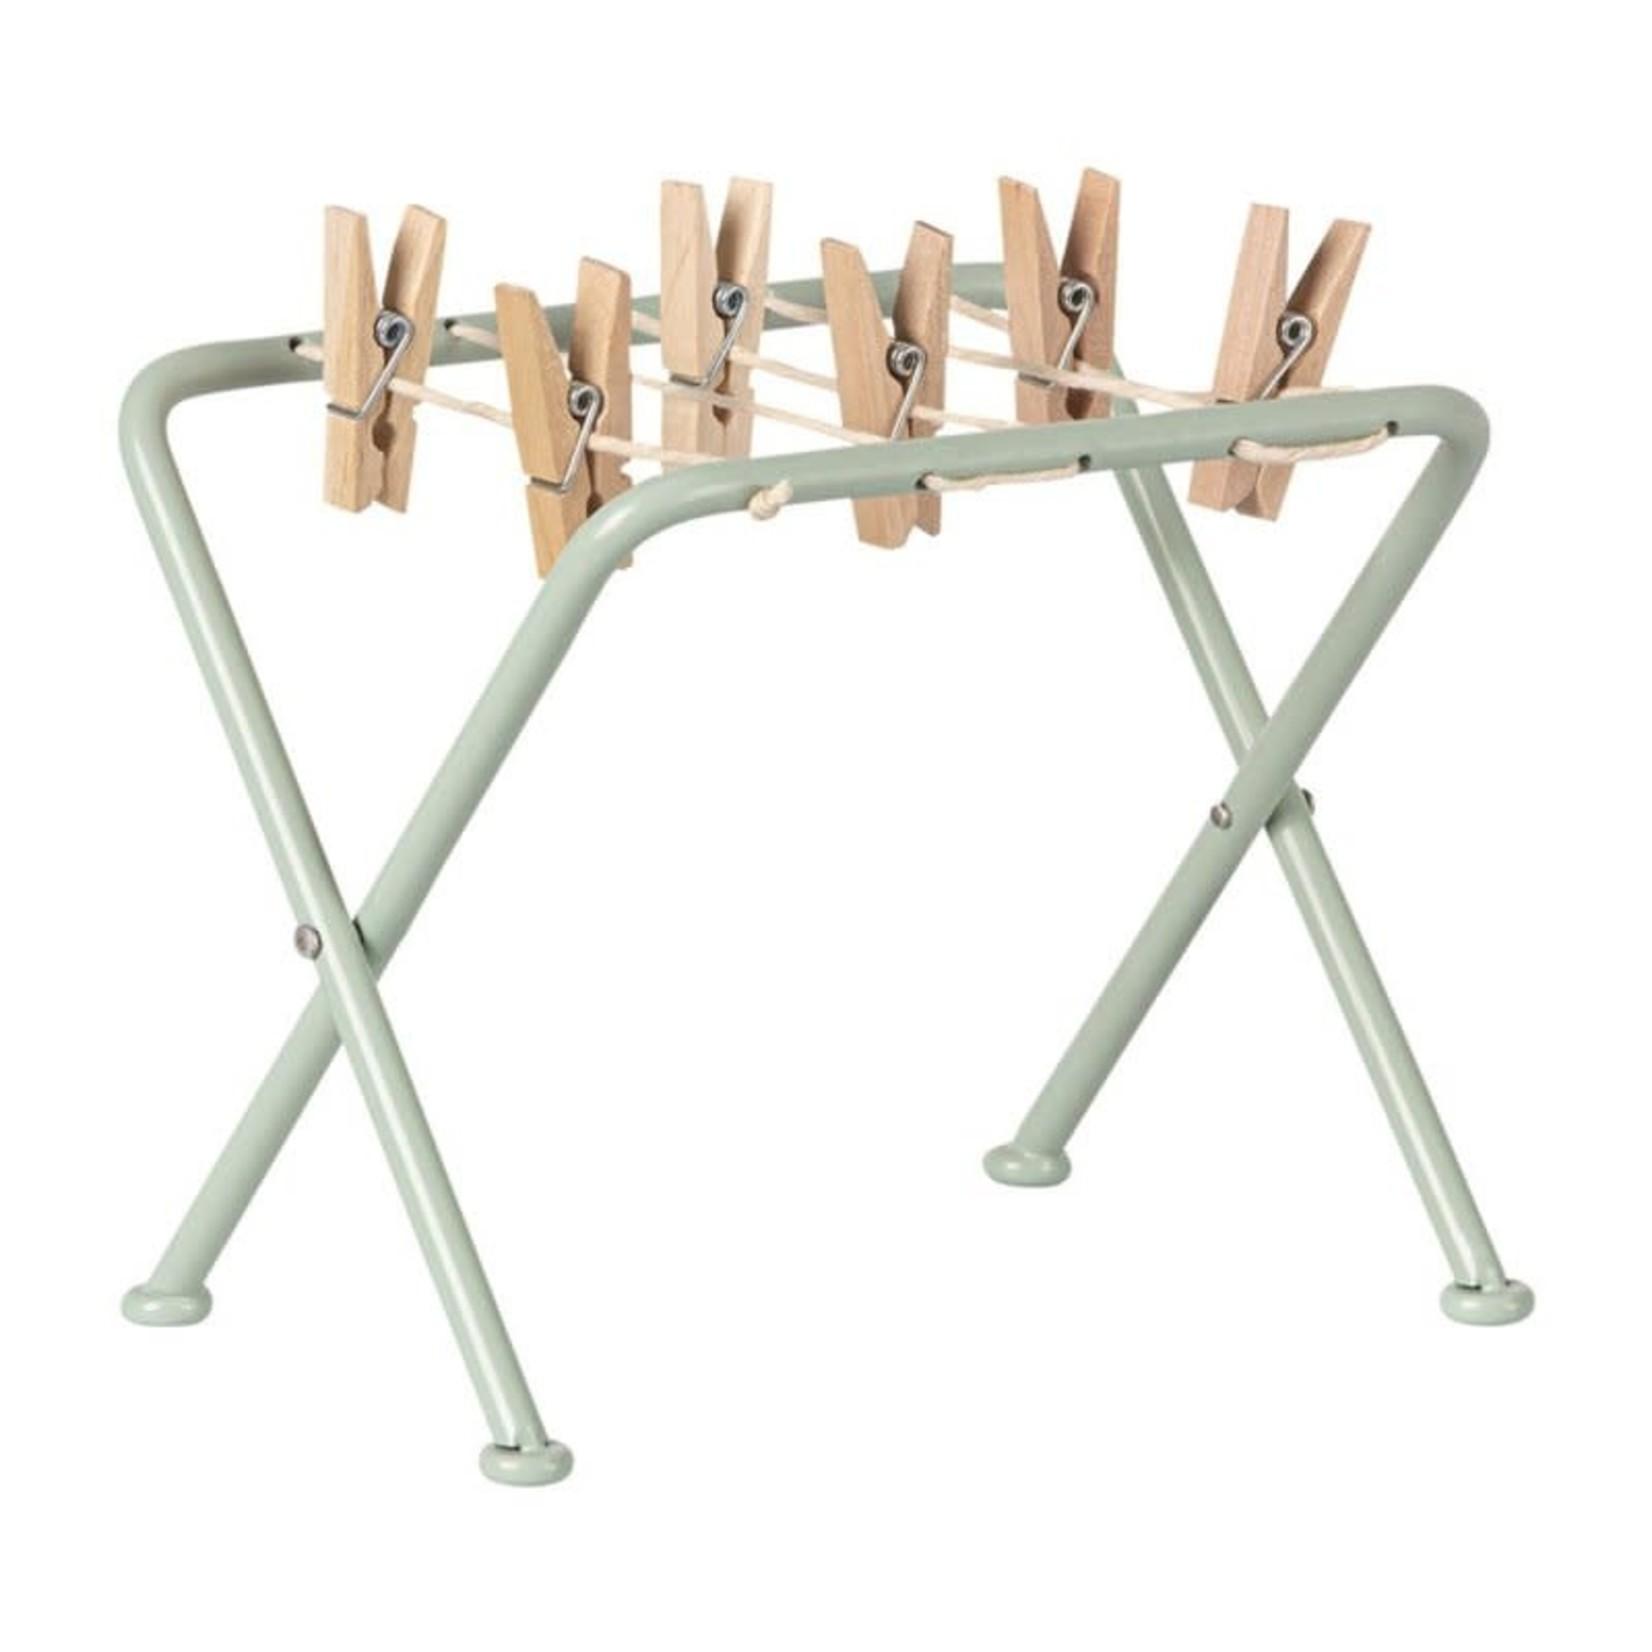 Maileg Drying rack - Maileg